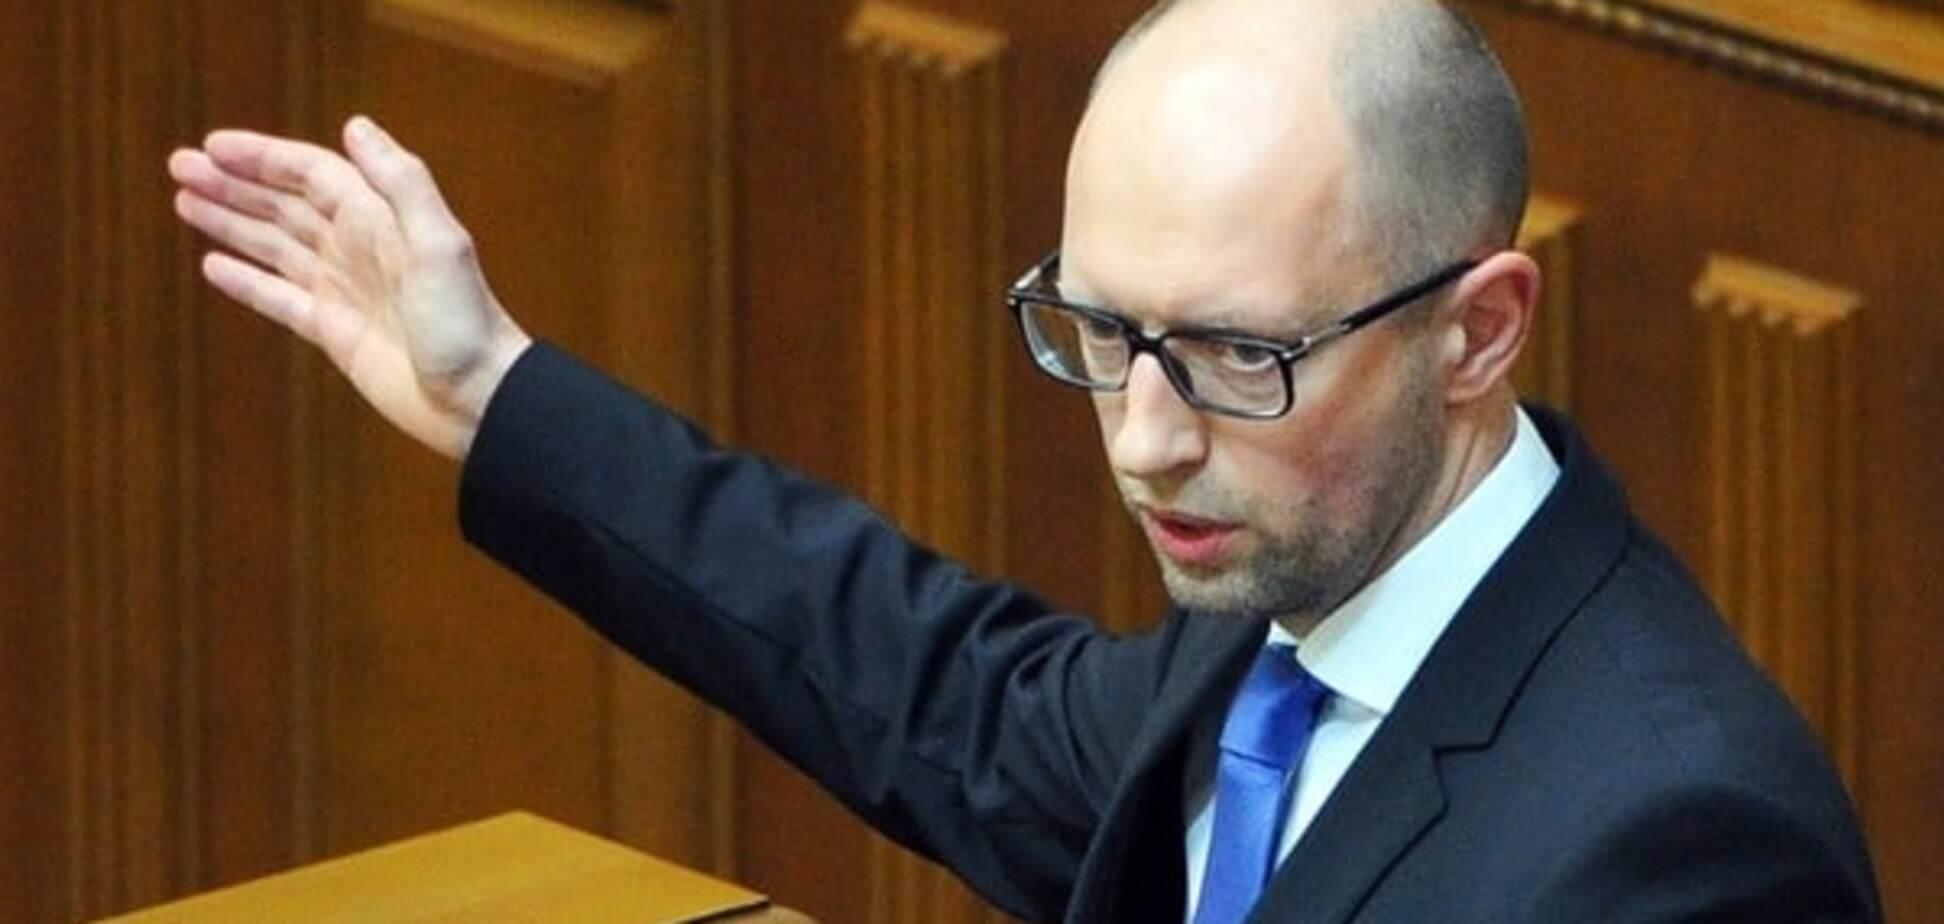 Нажите непосильною працею: Яценюк показав свою декларацію